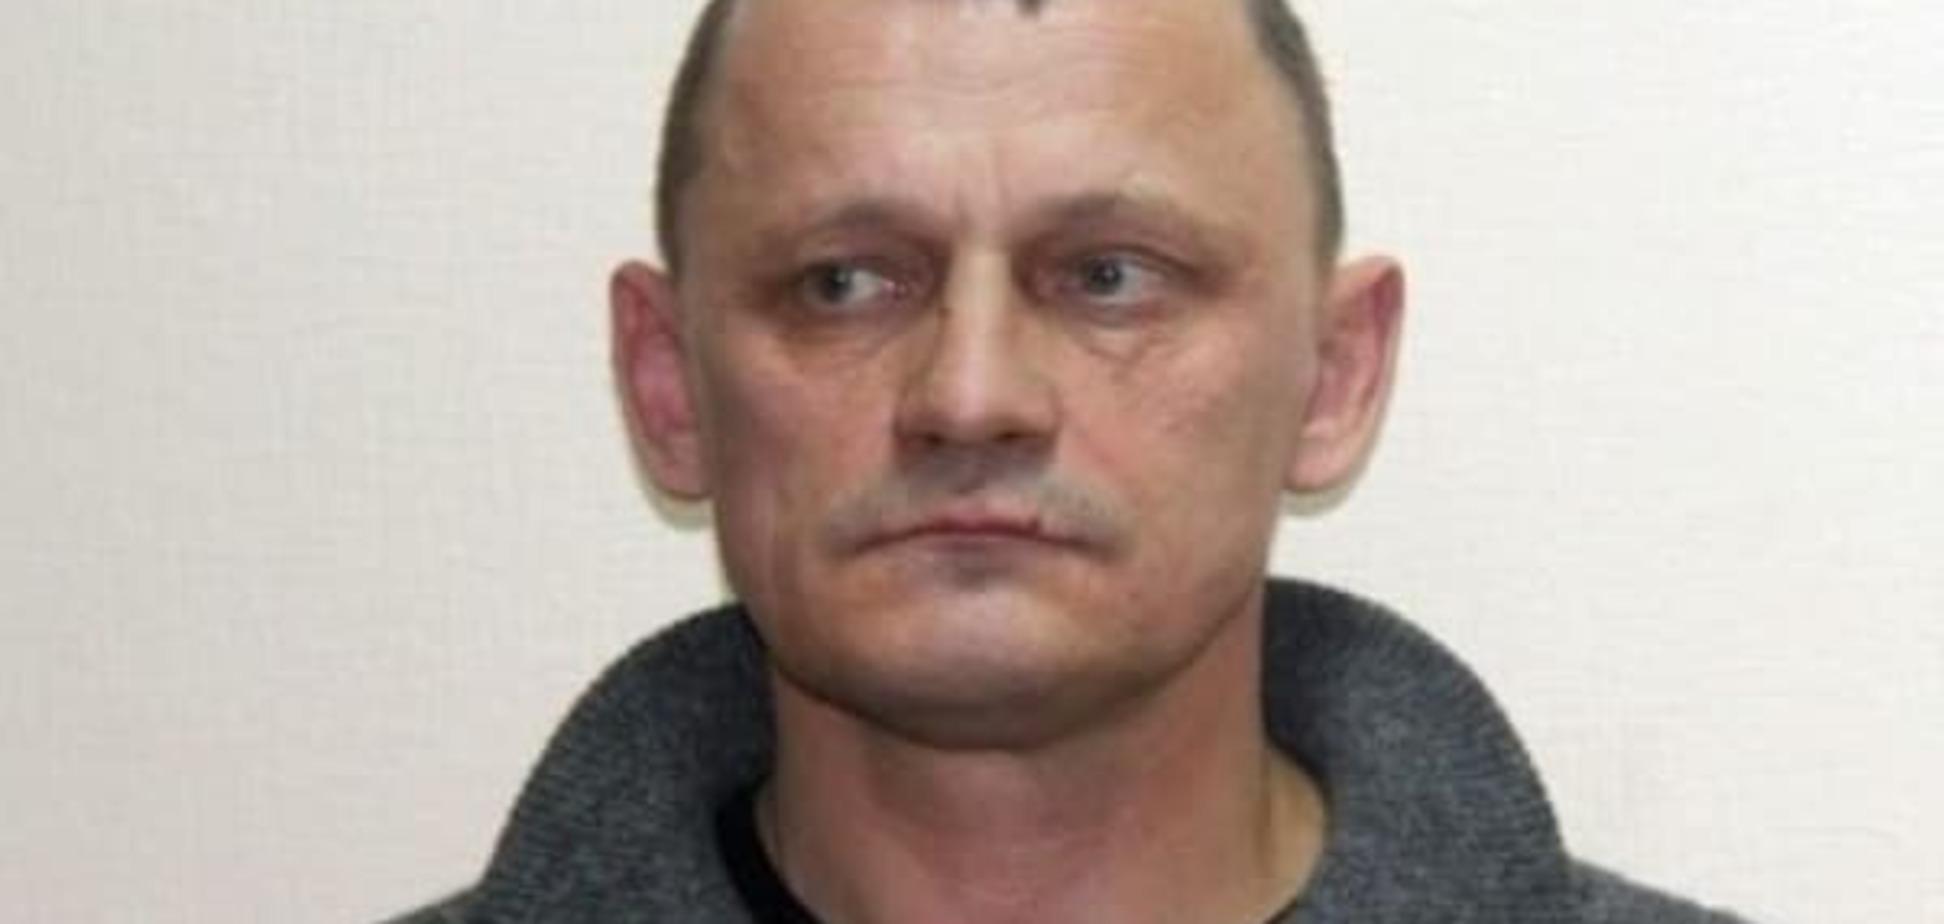 Судилище над украинцами в Чечне: Карпюк пожаловался на пытки